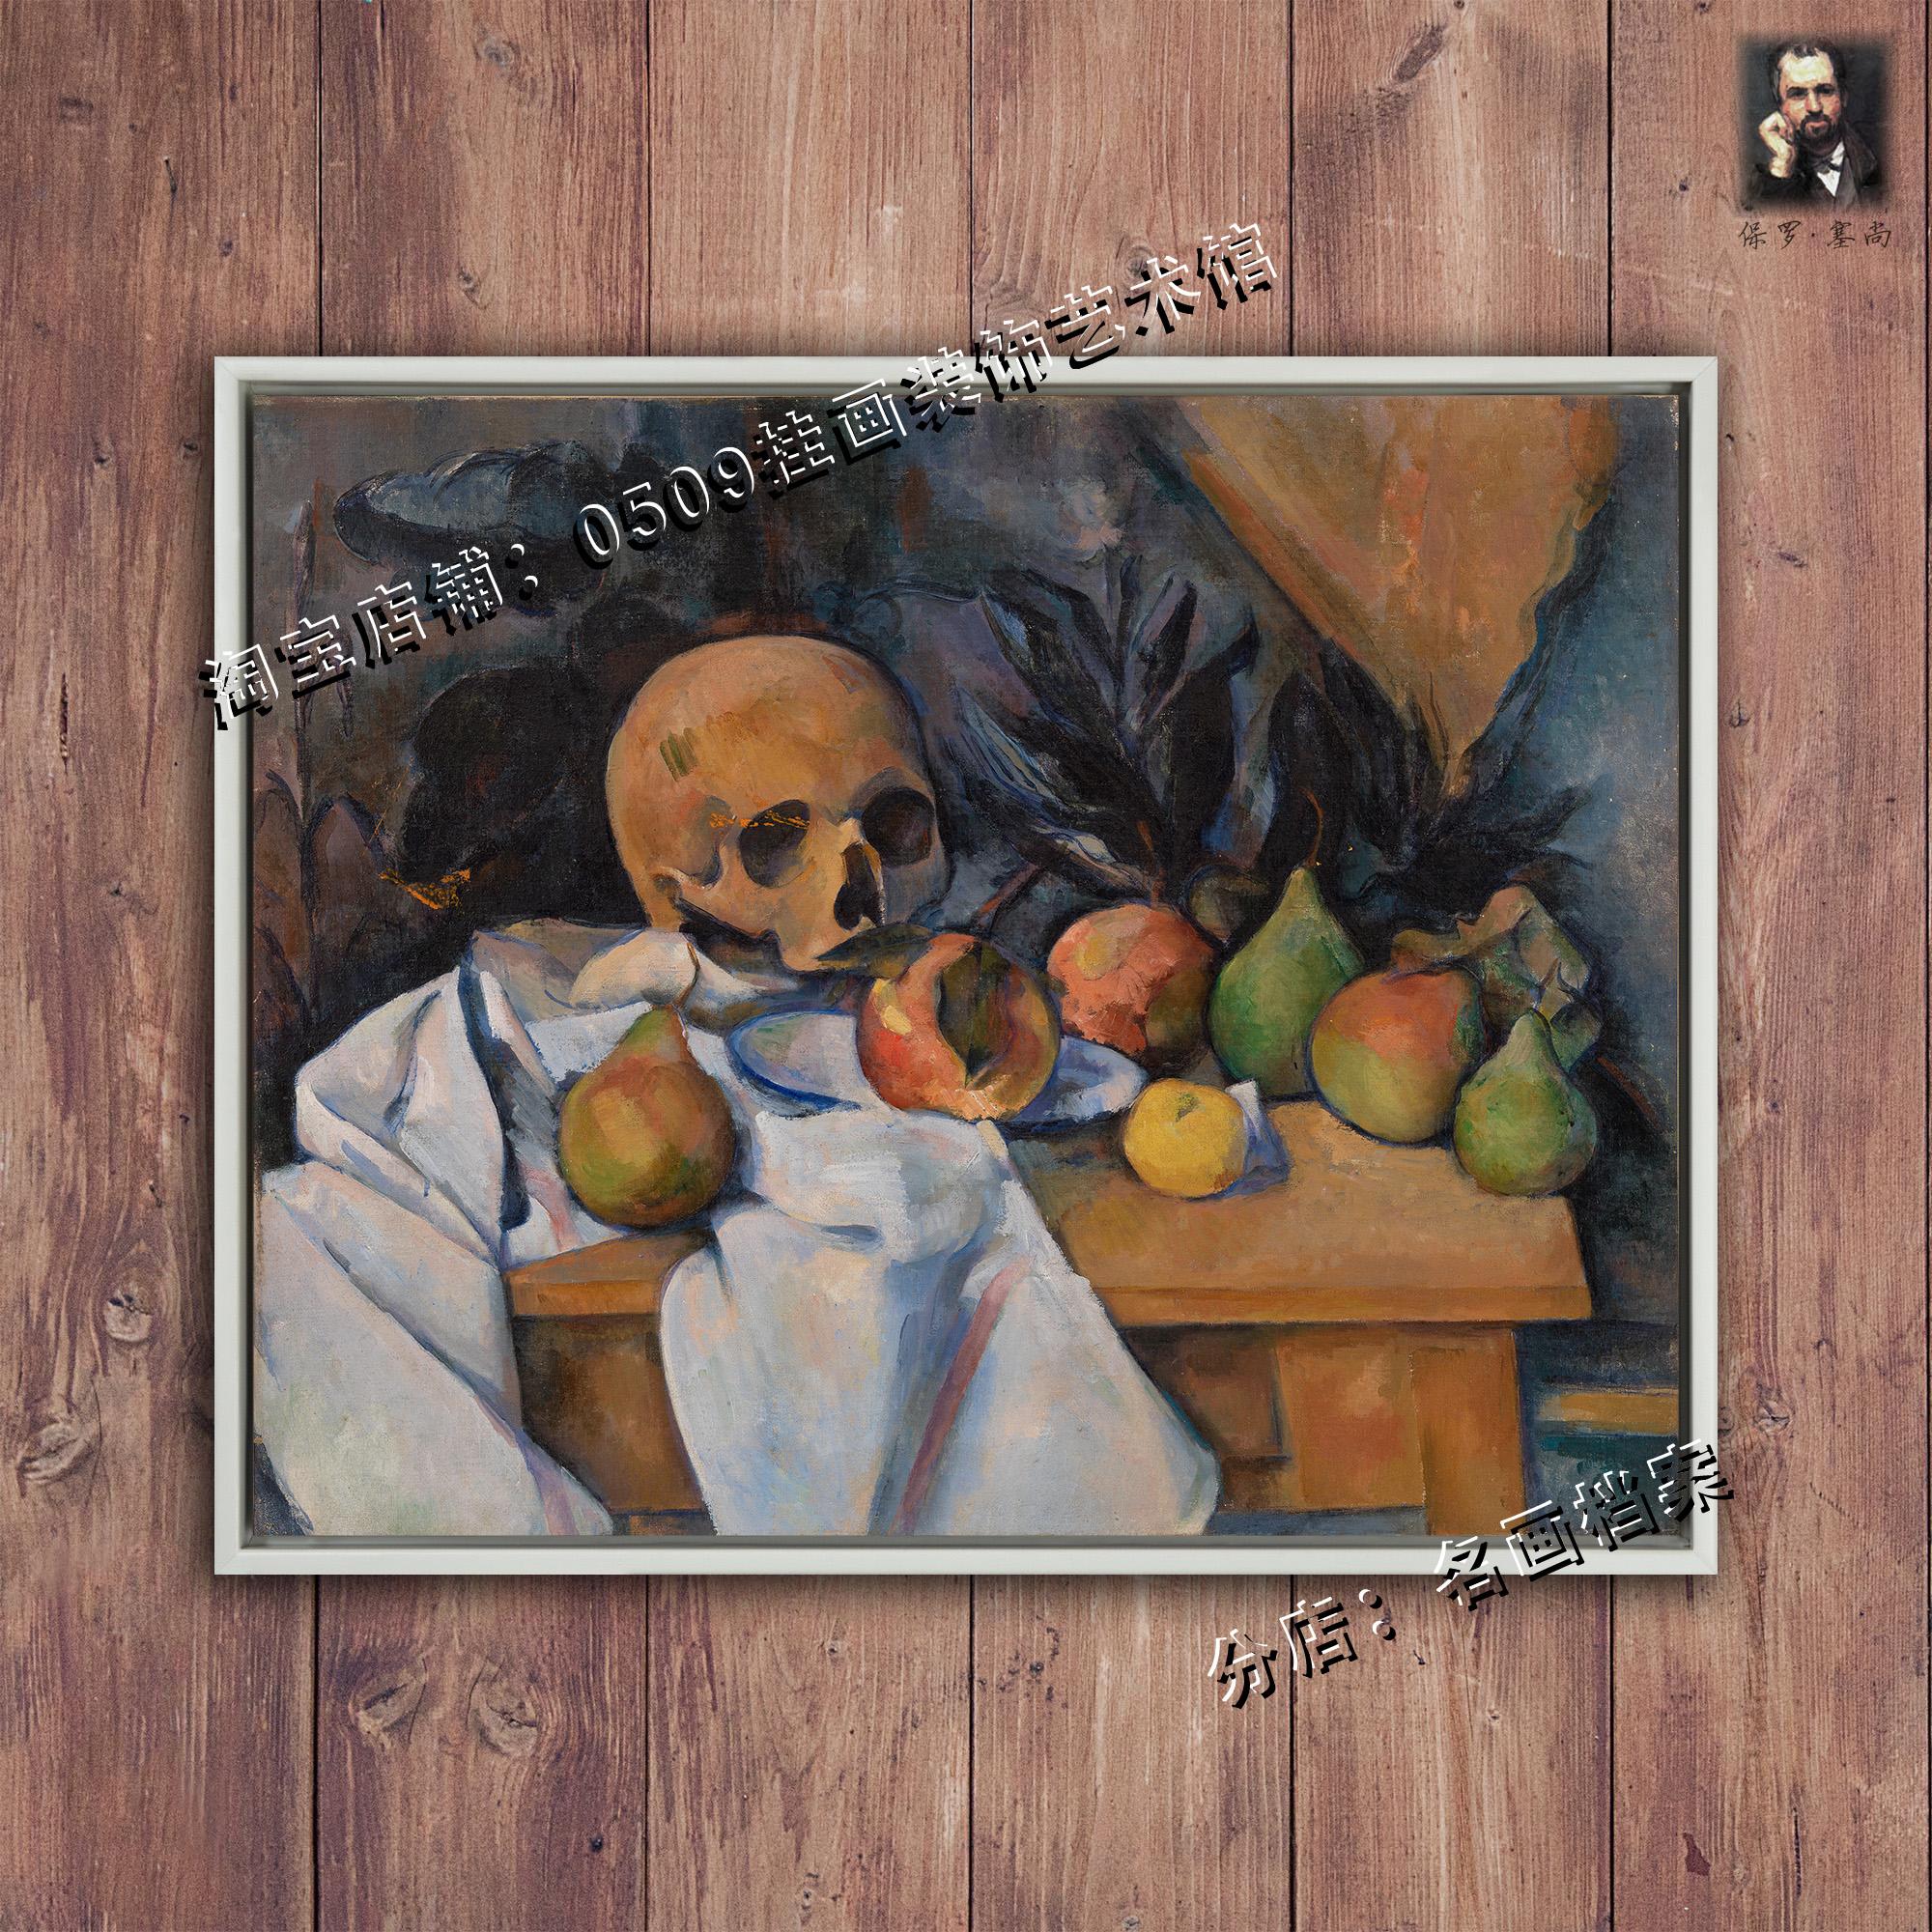 有头骨的静物 塞尚 画 头骨静物画 小众装饰画 冷门挂画 美式油画